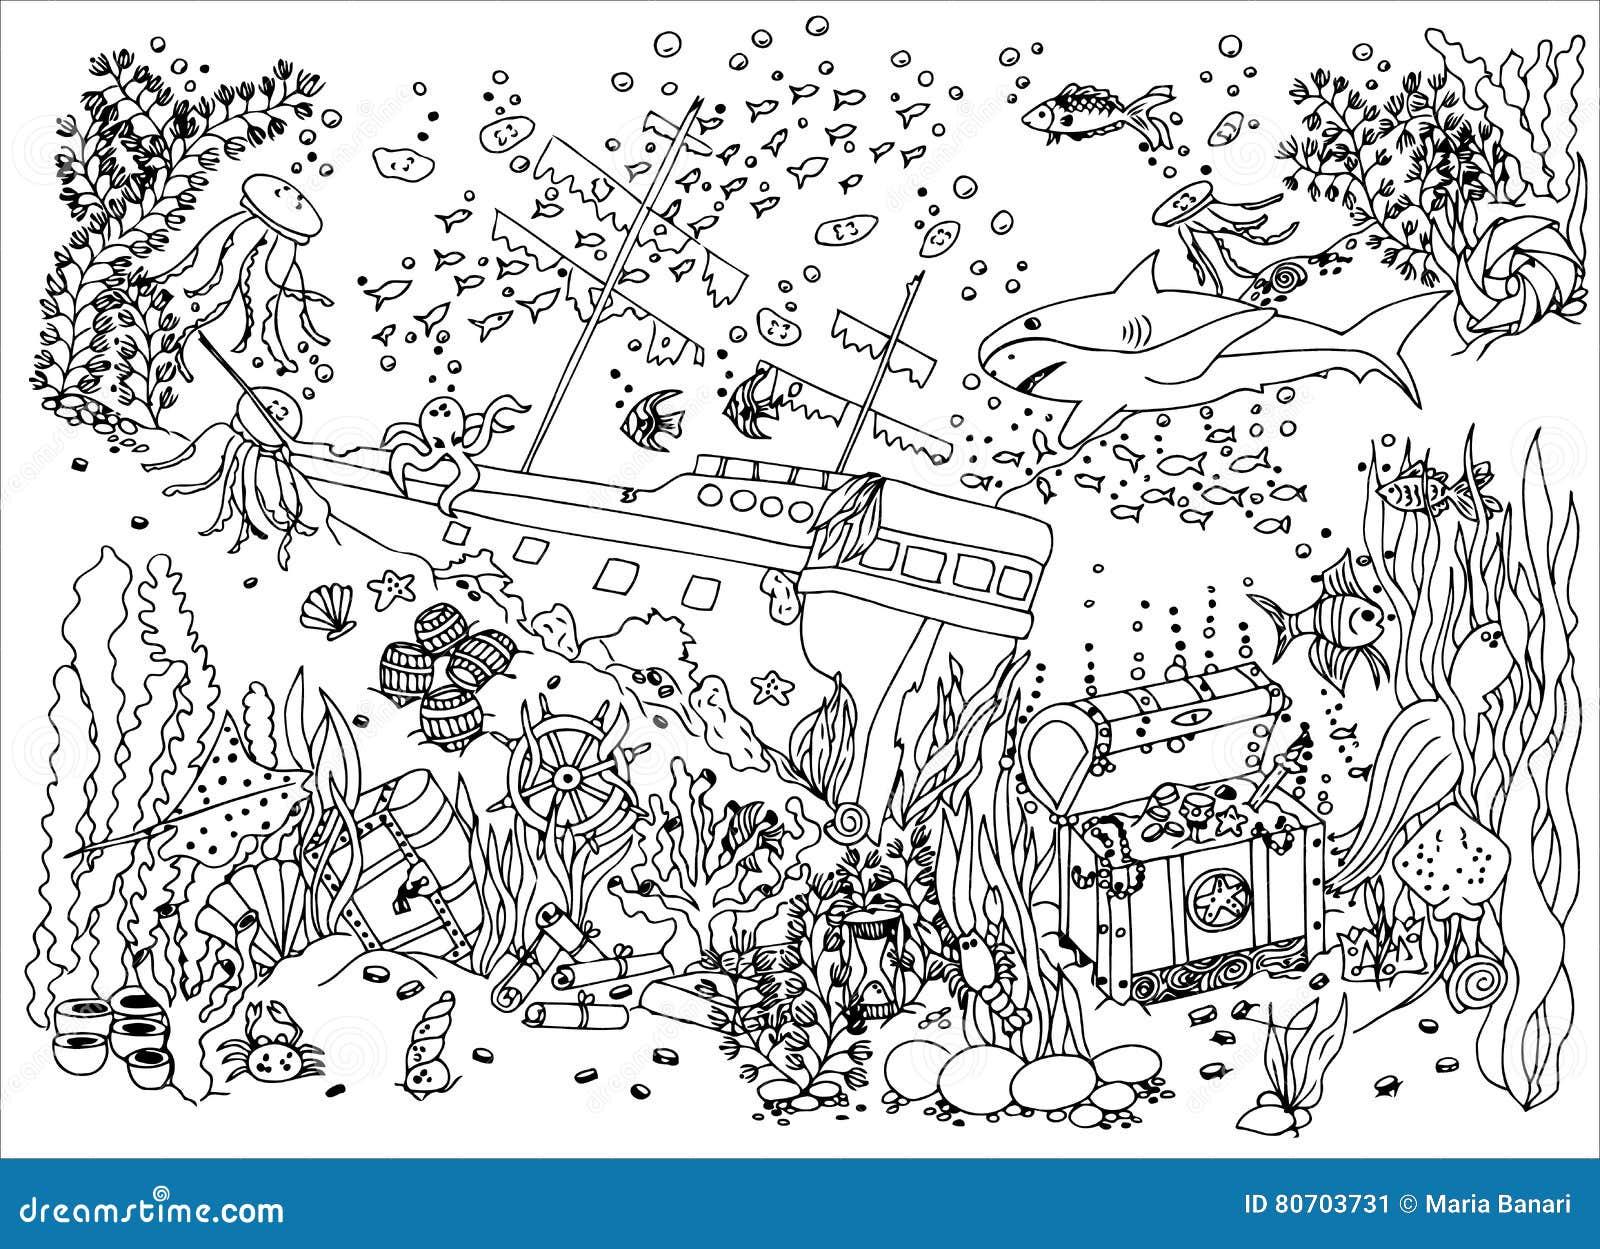 Trésor Submergé épave Illustration De Vecteur Dessin De Griffonnage